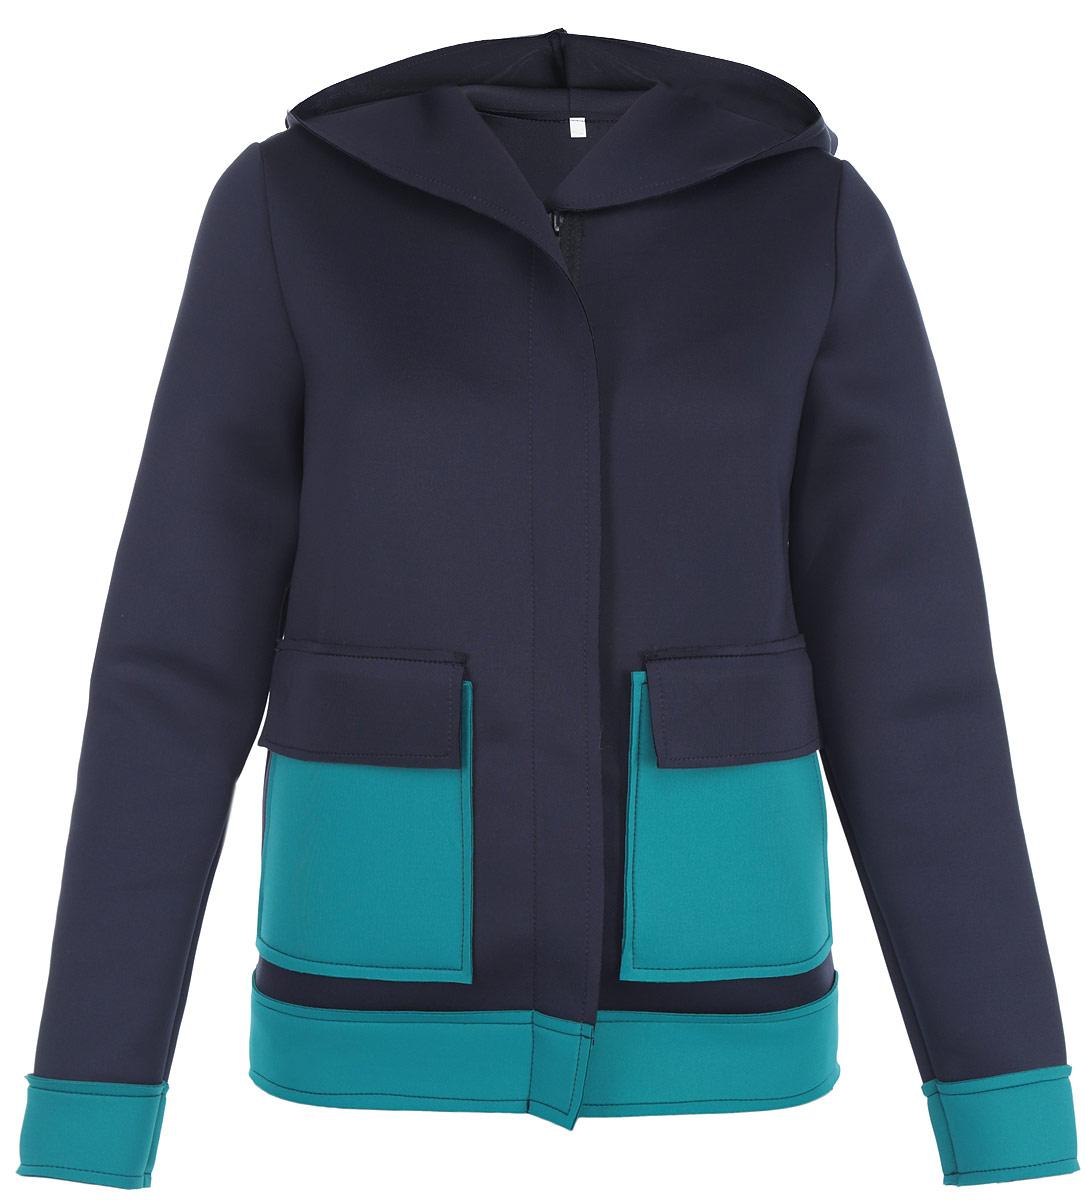 Жакет Milana Style, цвет: темно-синий, бирюзовый. м1001. Размер 50м1001Теплый жакет Milana Style, выполненный из уплотненного полиэстера, согреет вас в прохладную погоду. Модель прямого кроя с капюшоном и длинными рукавами застегивается на пластиковую-застежку-молнию и дополнительно ветрозащитной планкой. Спереди модель дополнена двумя накладными карманами. Этот уютный жакет станет отличным дополнением к вашему гардеробу.